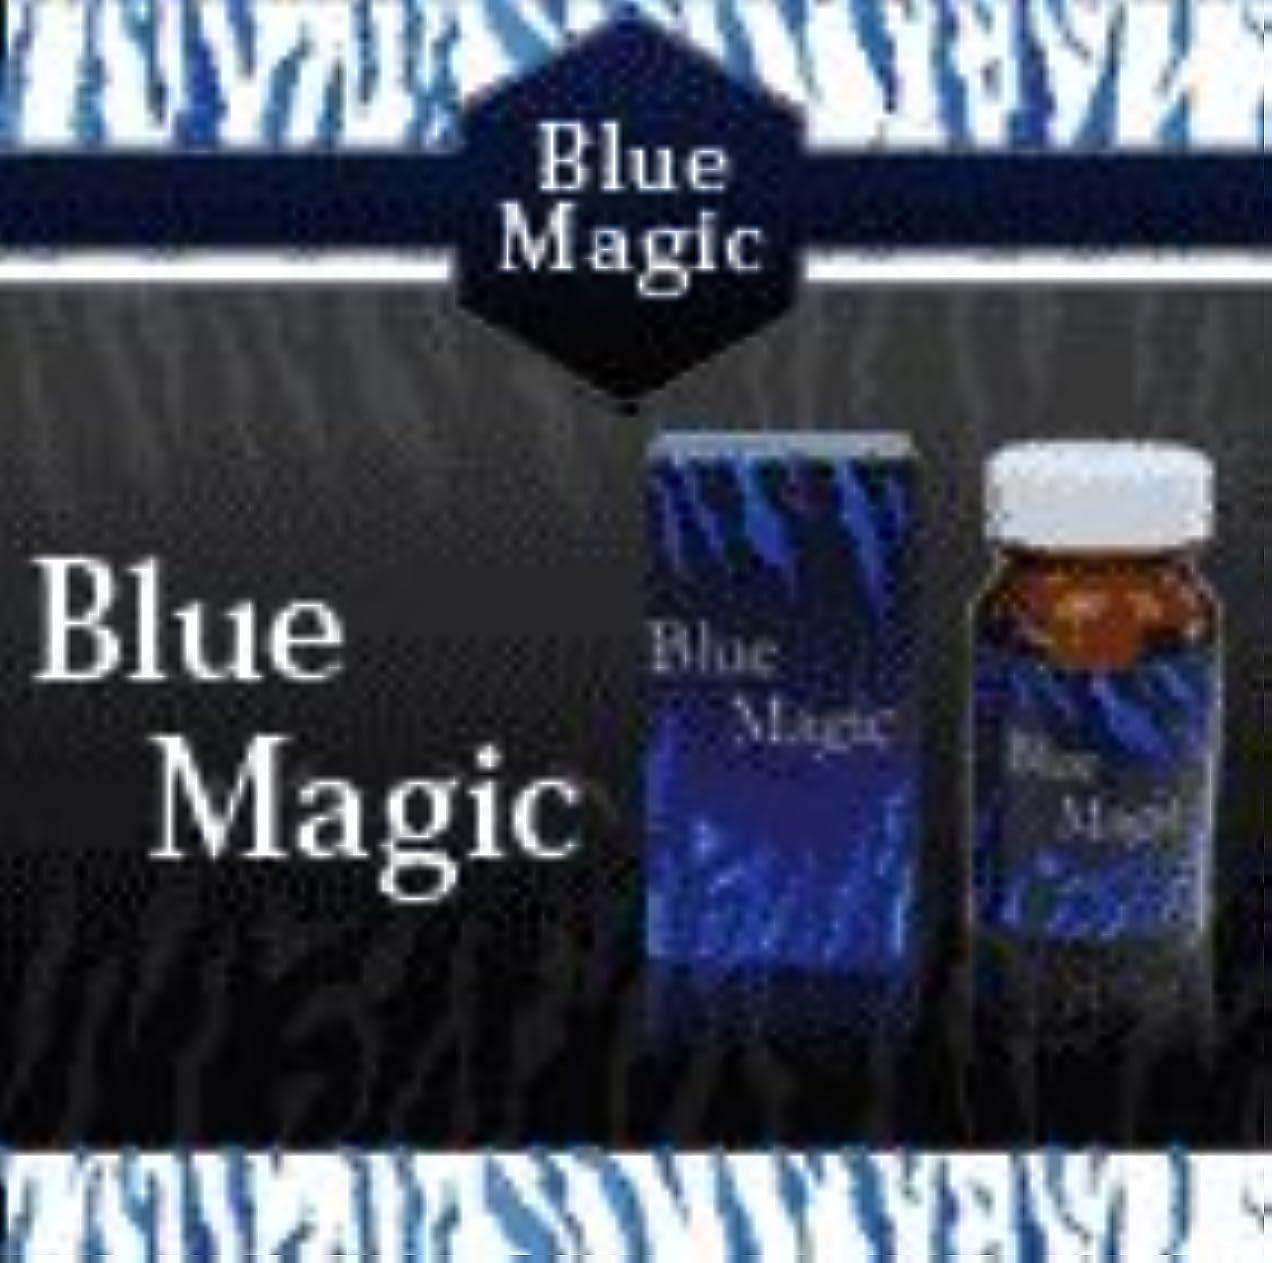 定刻傘ワーディアンケース「Blue Magic」ブルーマジック (ダイエットサプリメント) 3個セット